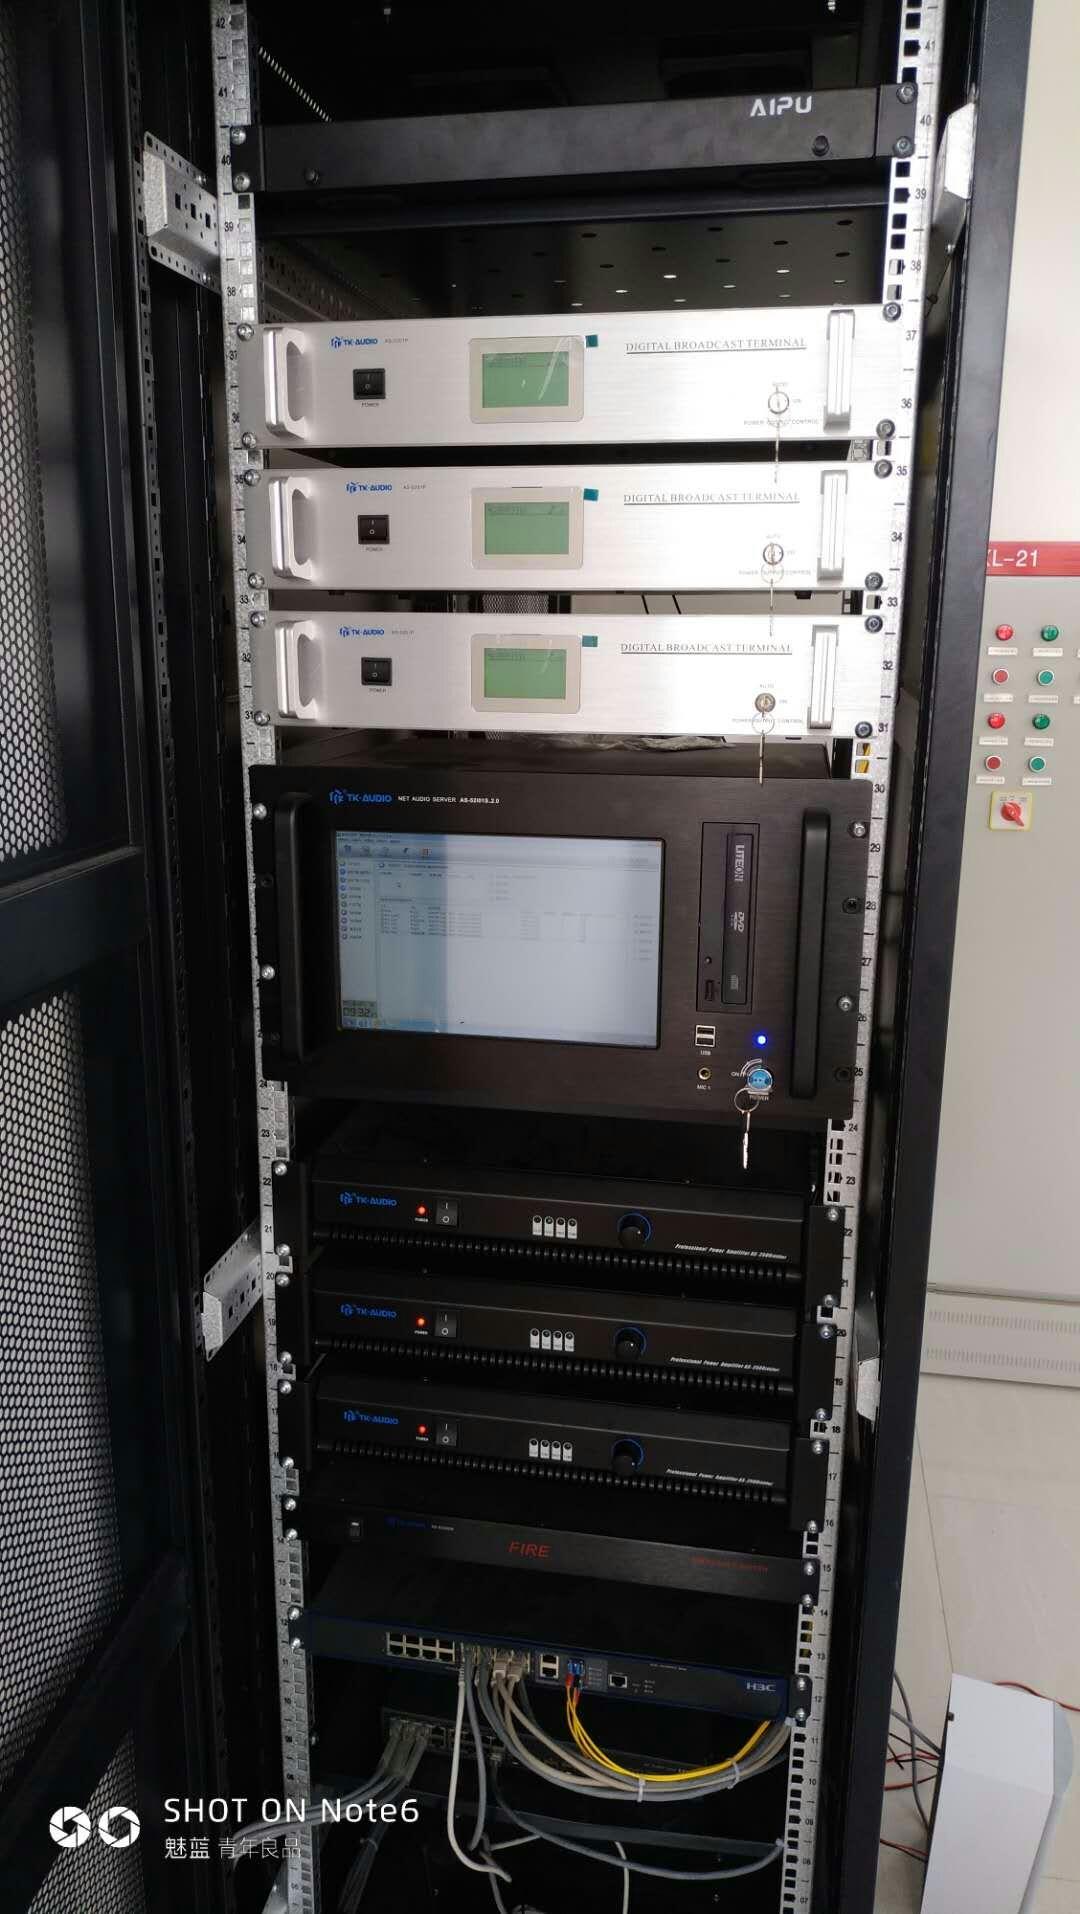 网络公共广播系统